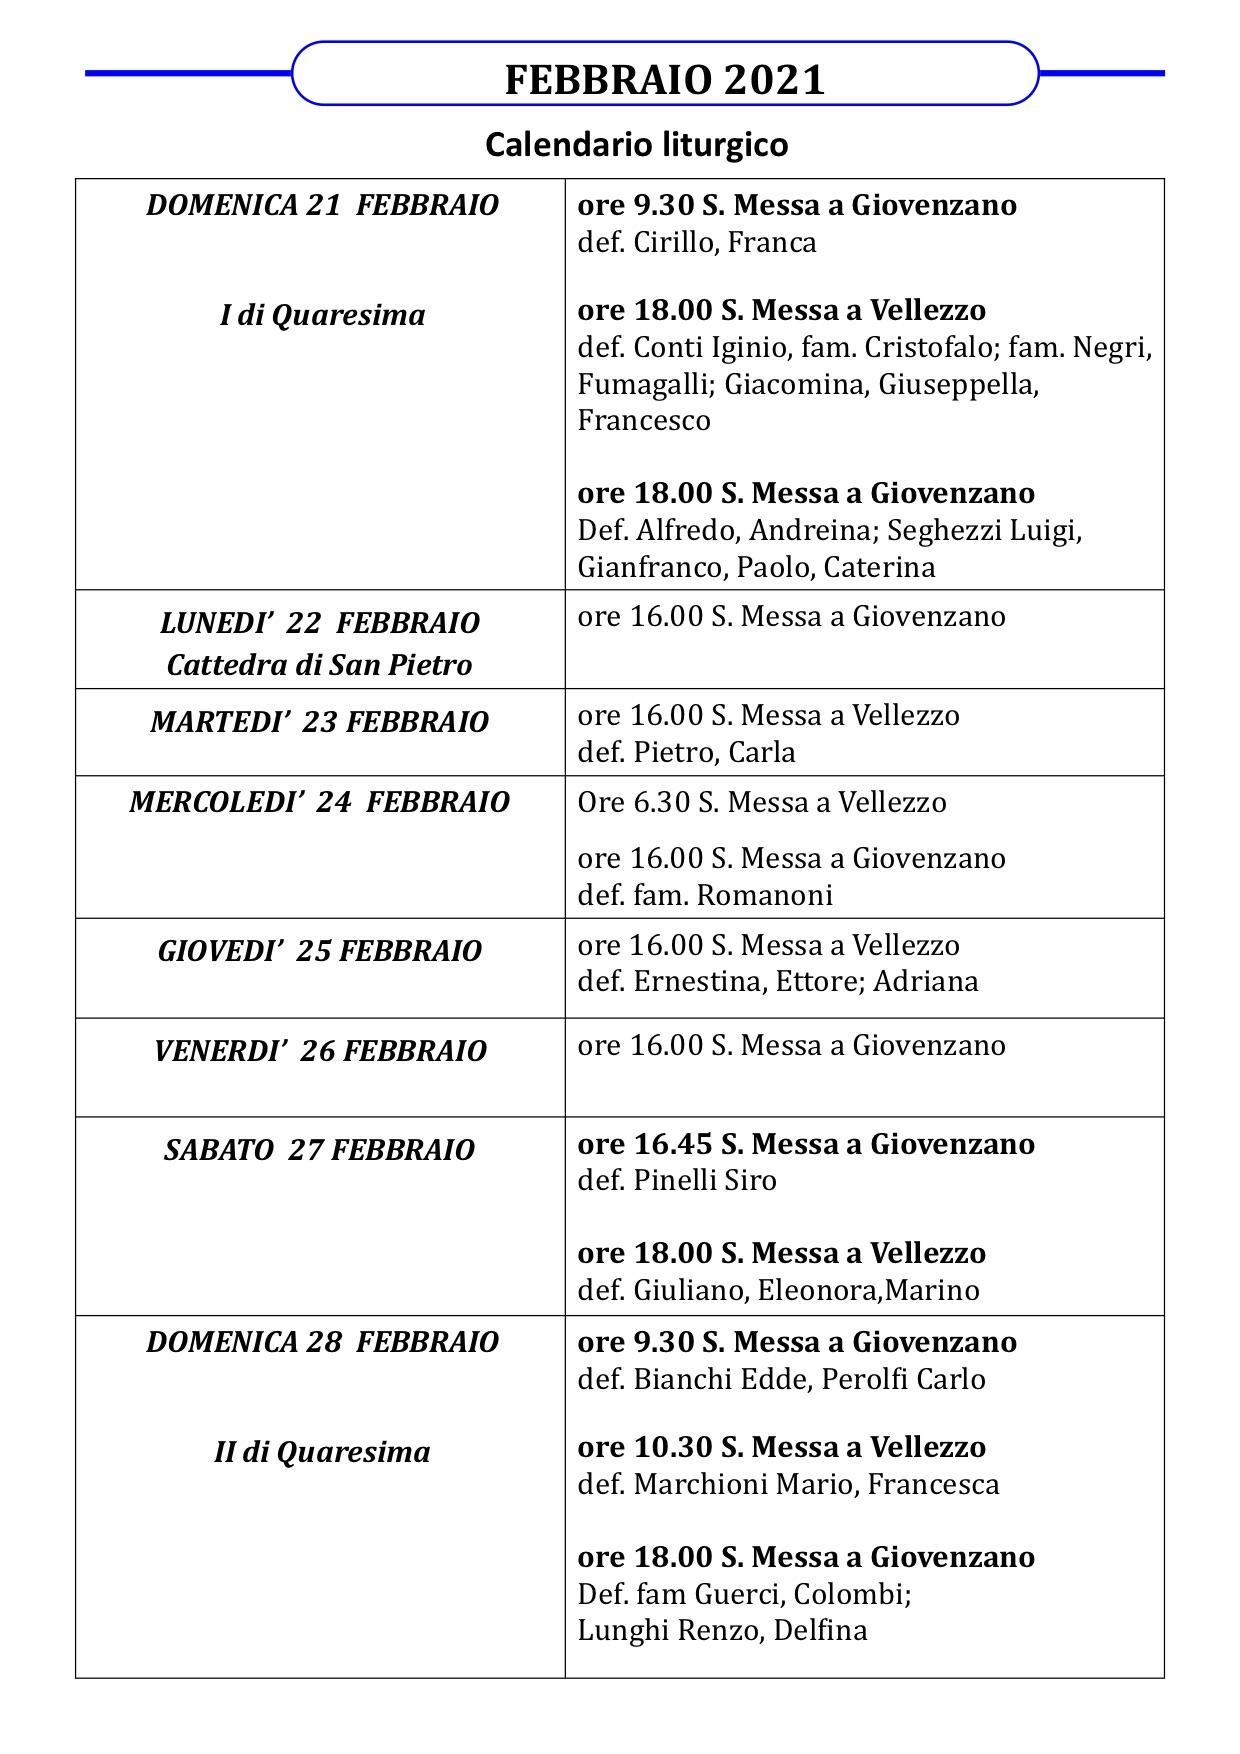 Calendario Liturgico dal 21 al 28 febbraio 2021